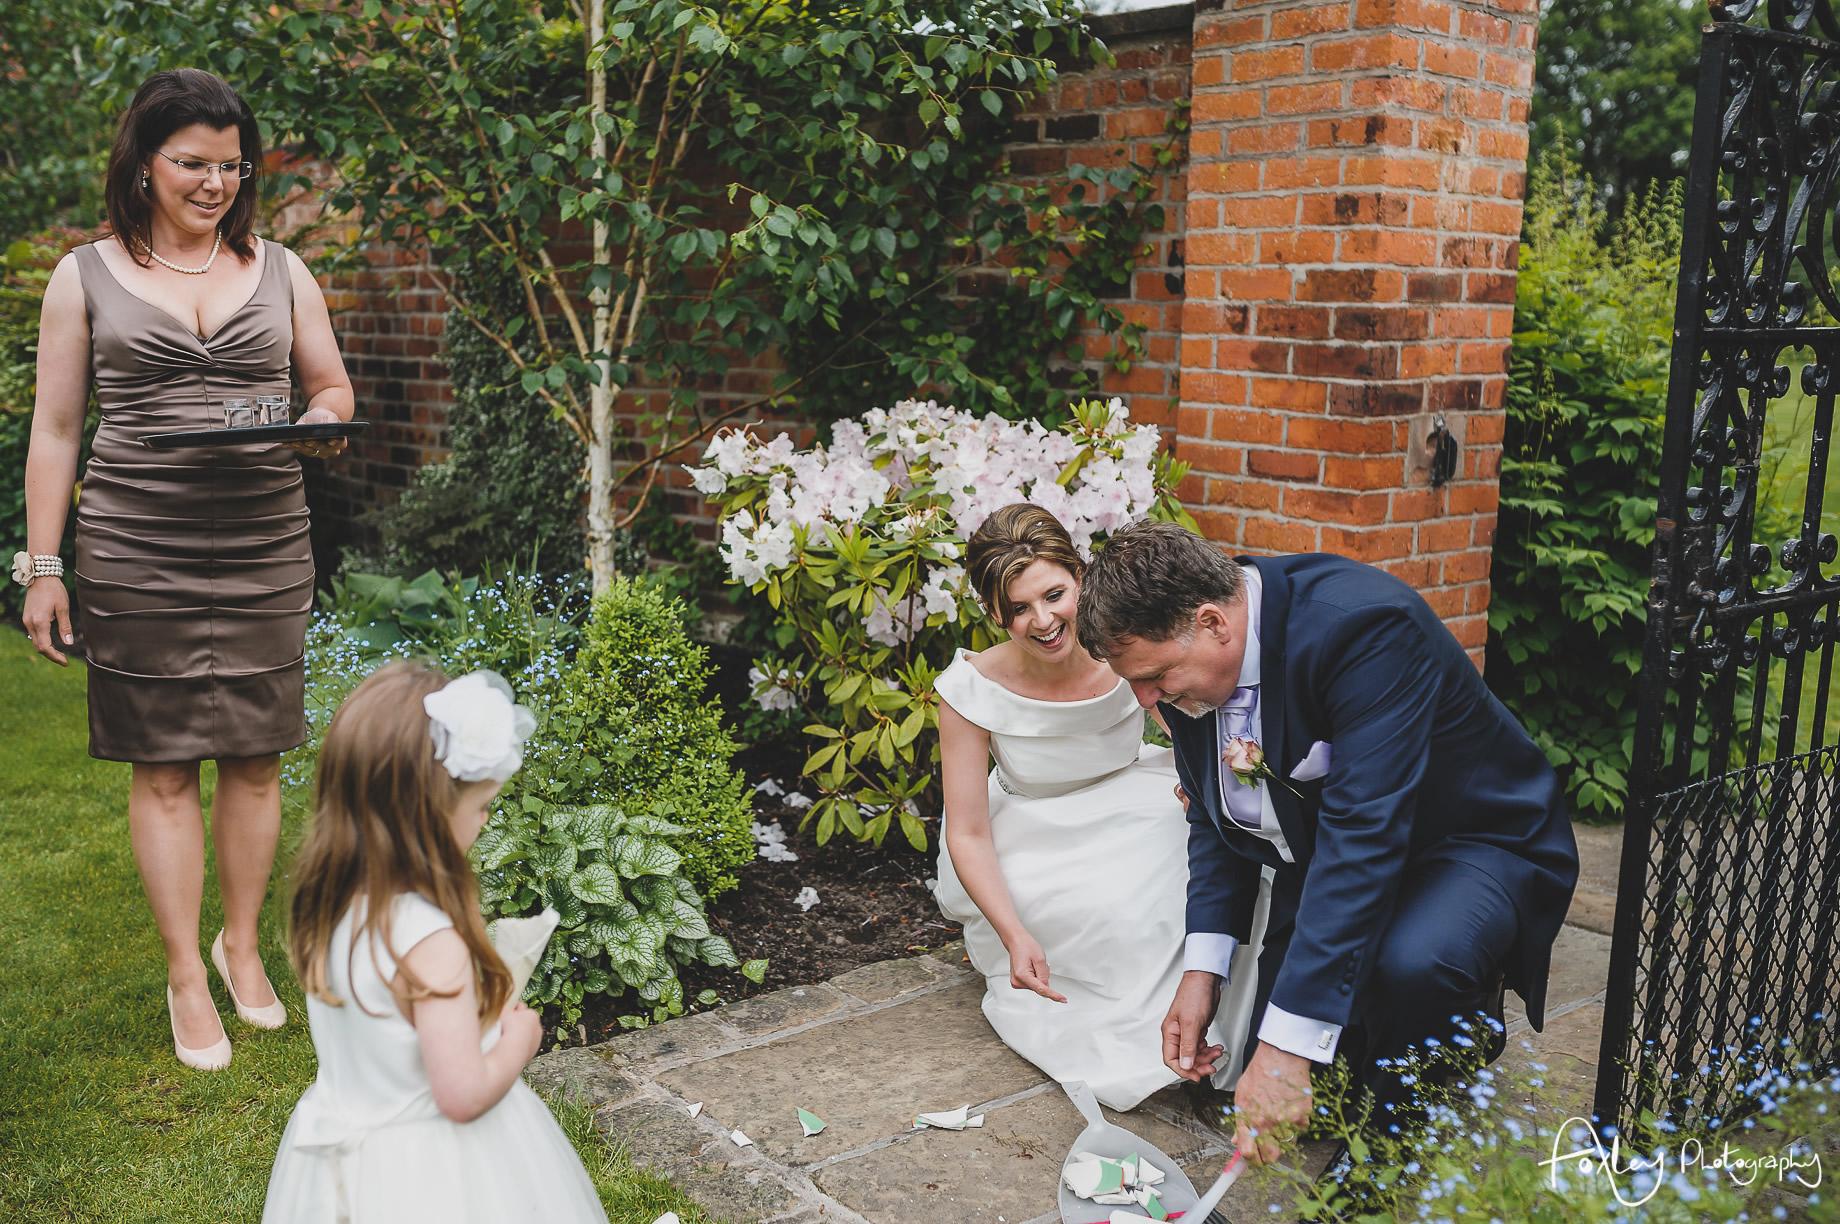 Simona-and-Robert-Wedding-at-Colshaw-Hall-114